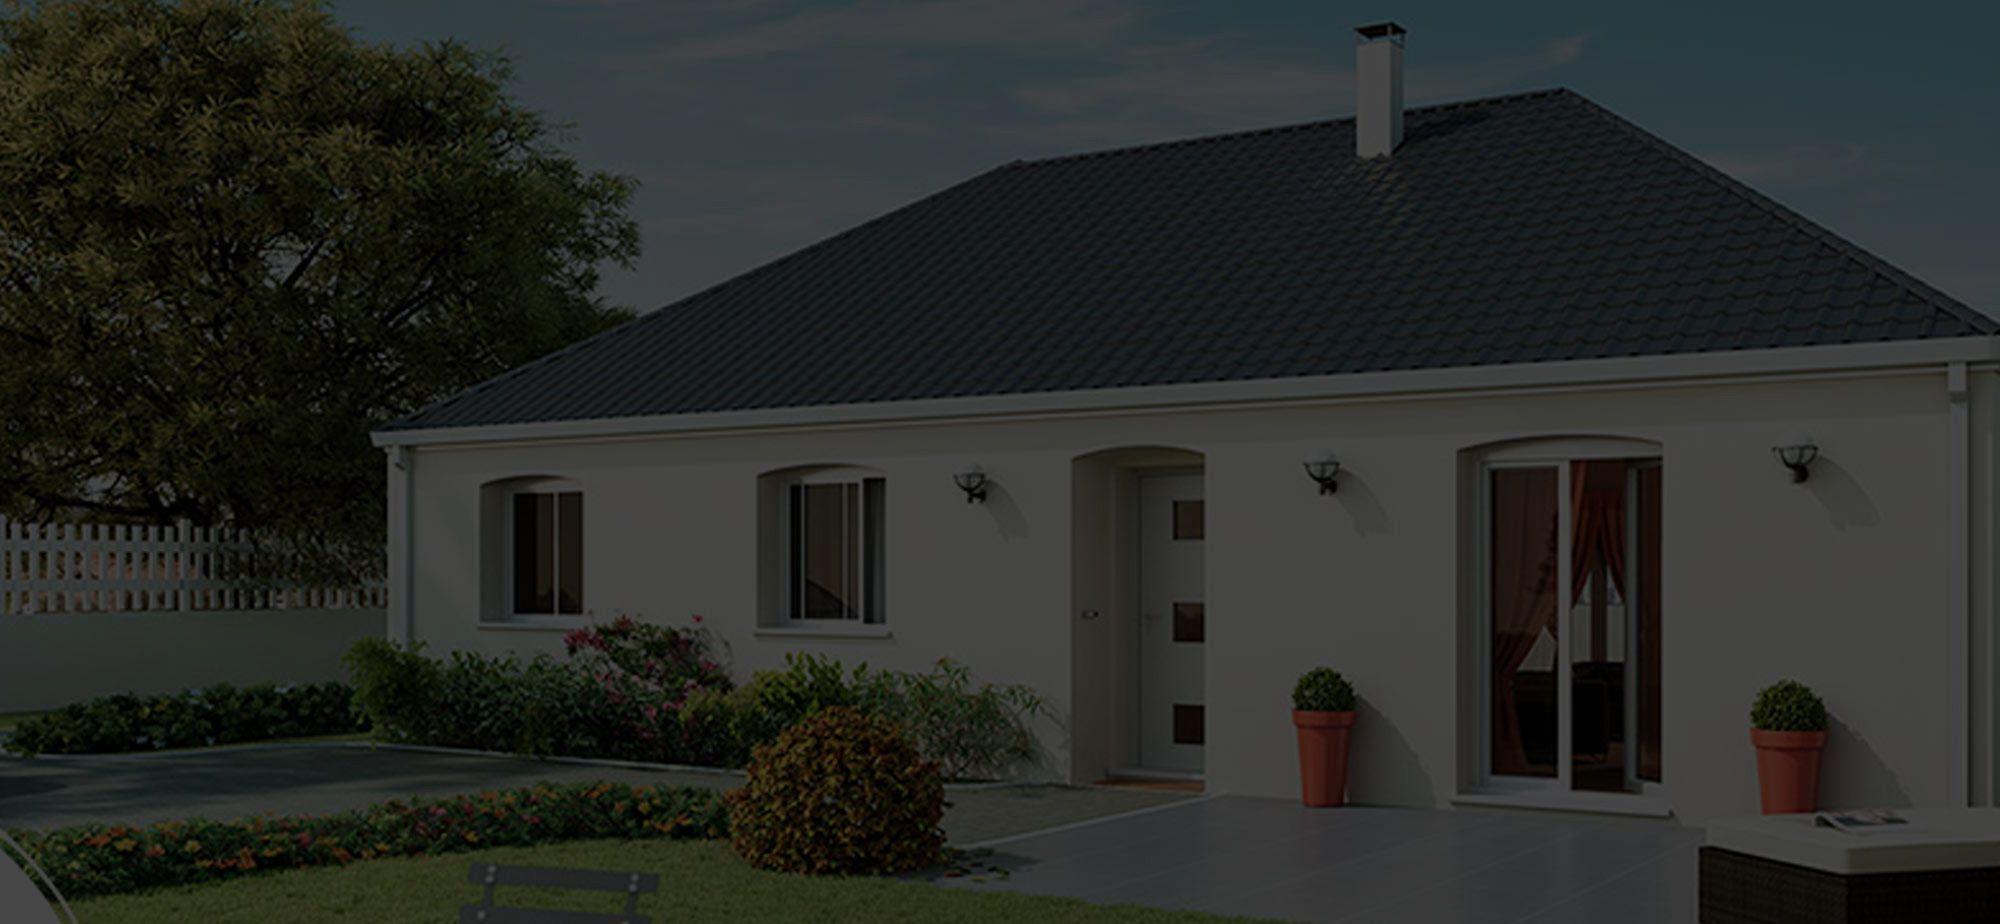 Bon constructeur maison ventana blog for Constructeur maison contemporaine 69